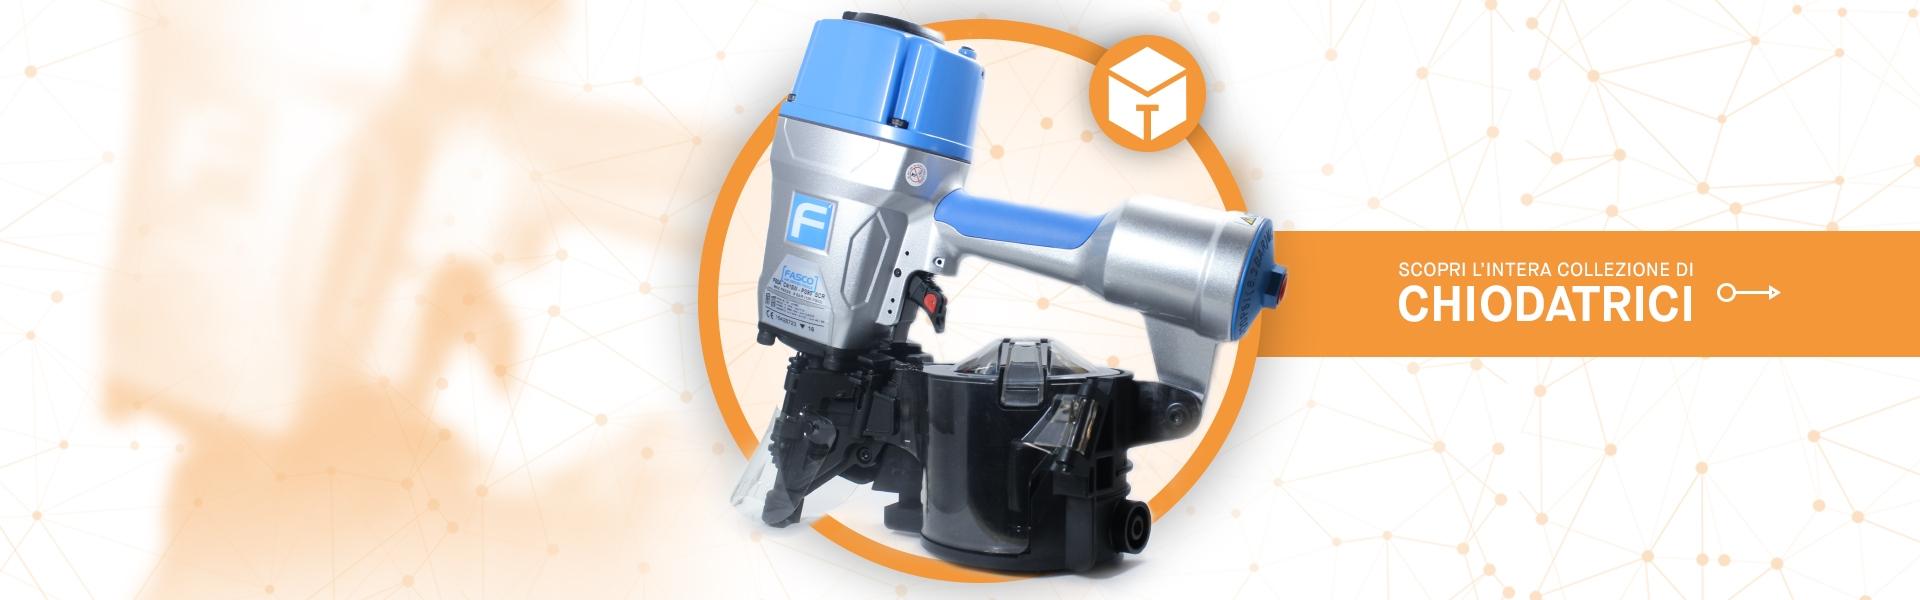 Tooleader - Vendita sistemi di fissaggio - Vendita chiodatrici